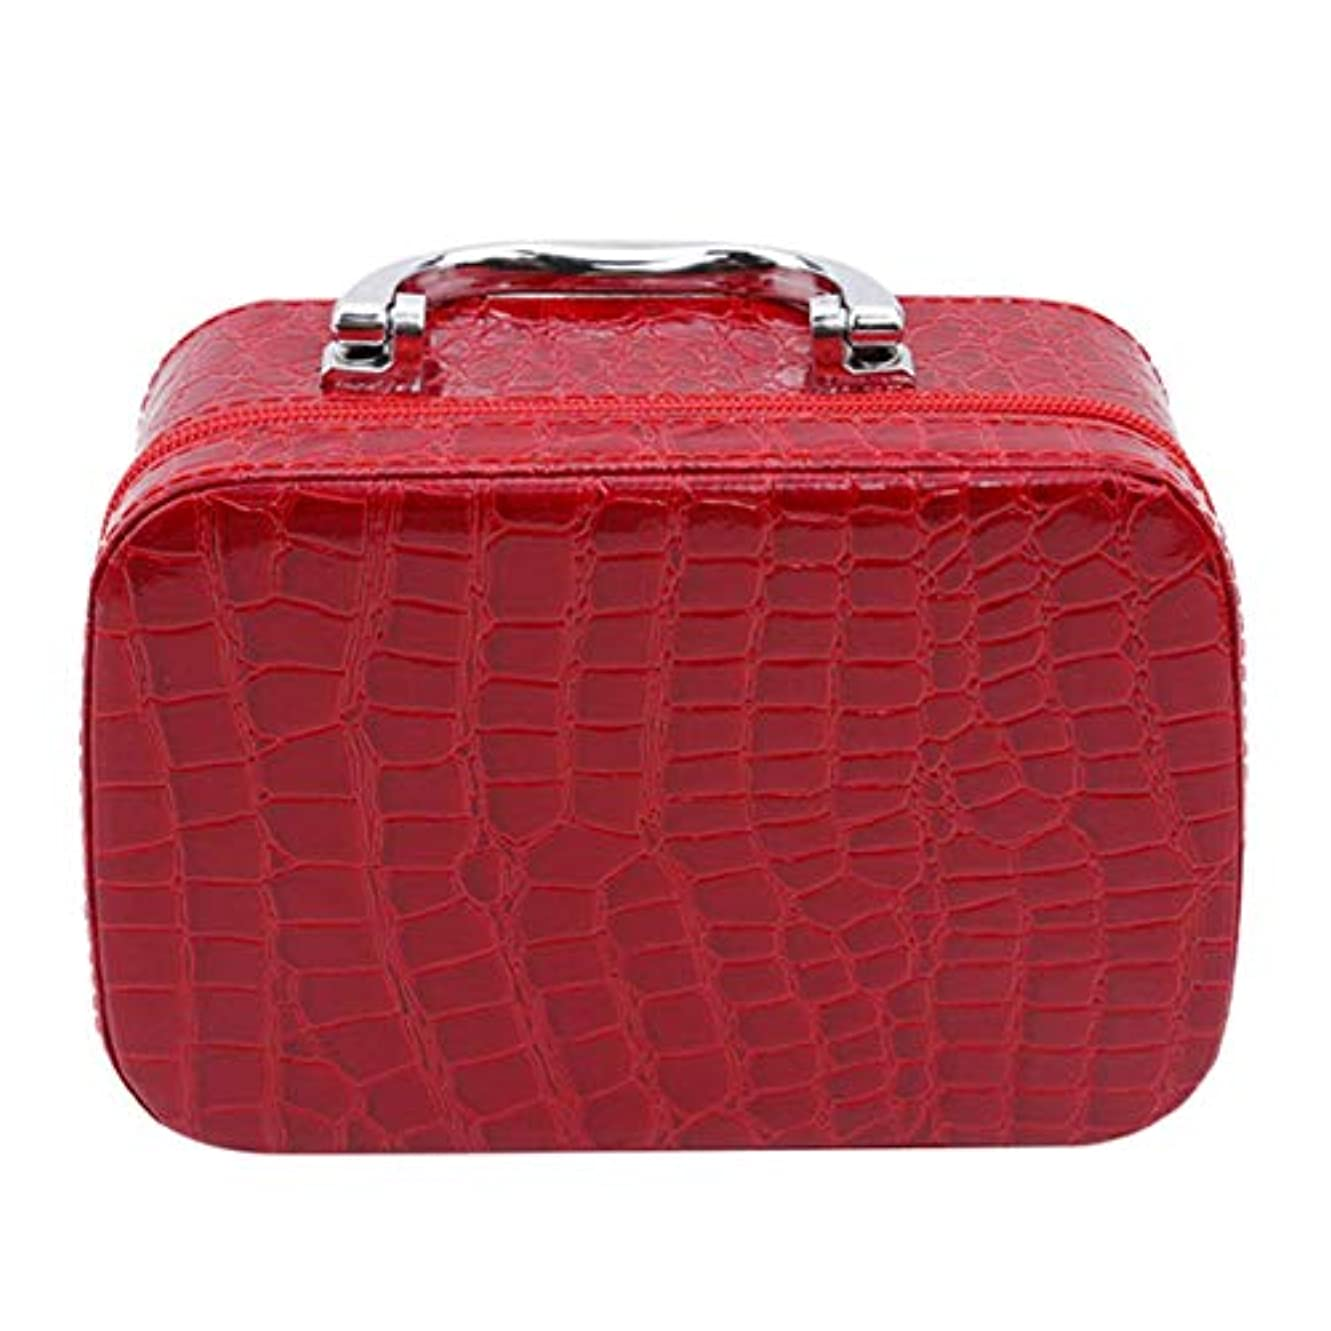 教えて授業料ペック1st market ミラーが付いている優れた旅行携帯用化粧品袋のオルガナイザーの女性の化粧品の箱